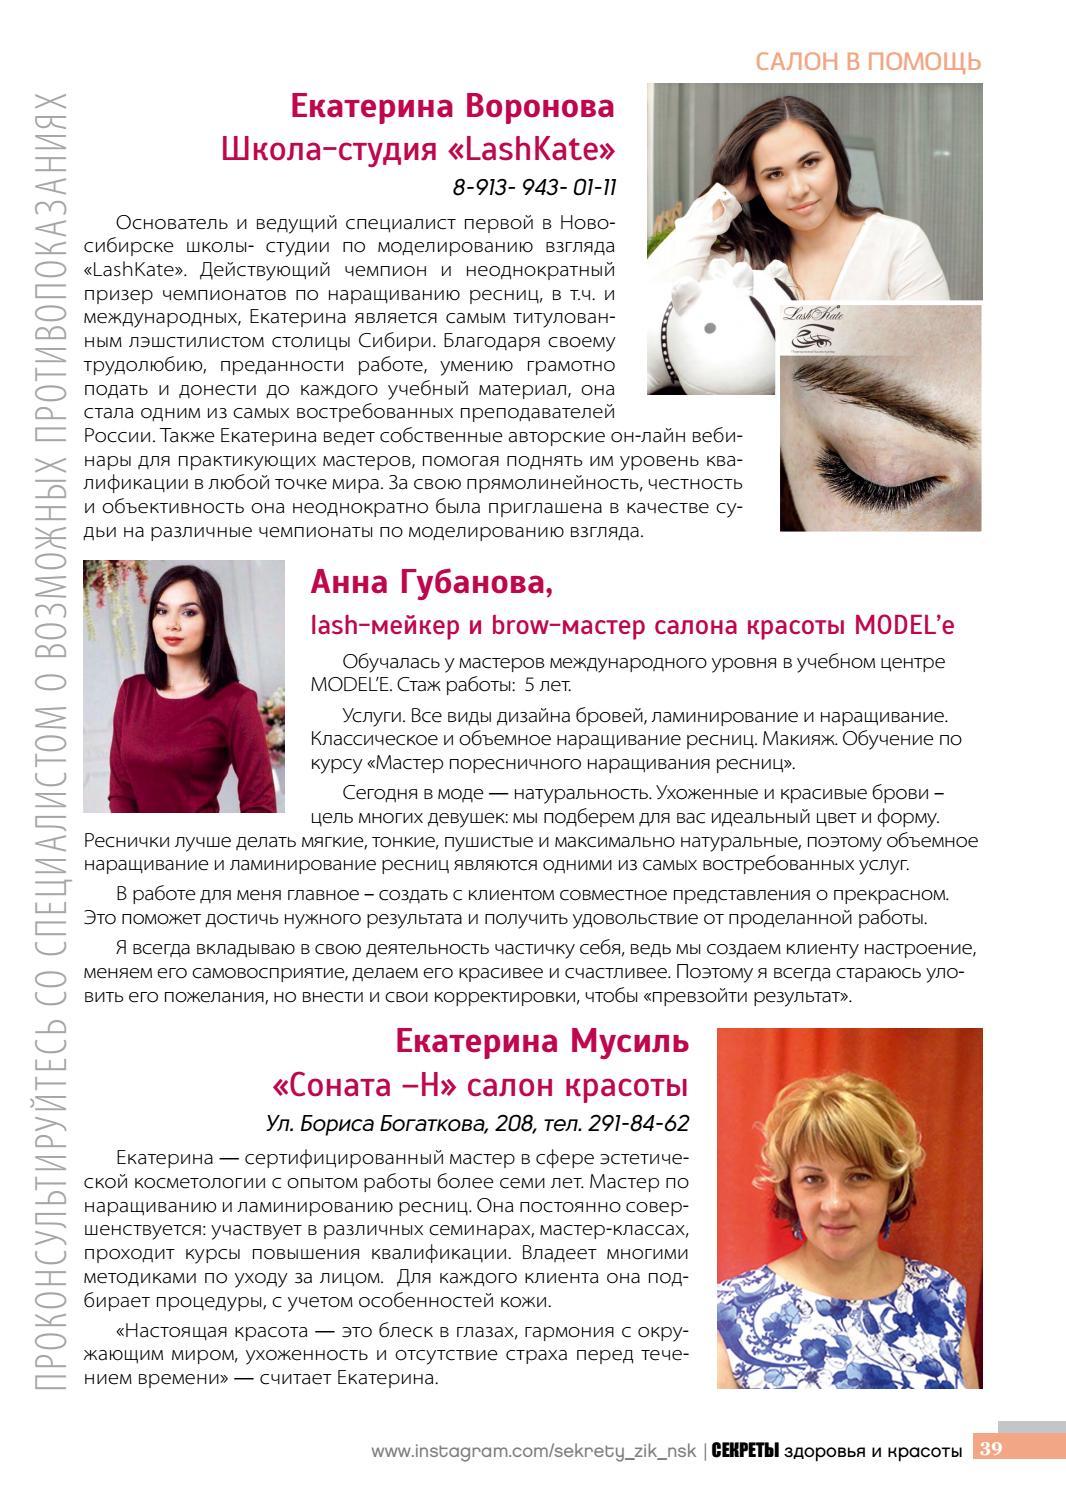 Девушка модель работы учебного центра kosto4ka девушка модель веб видео